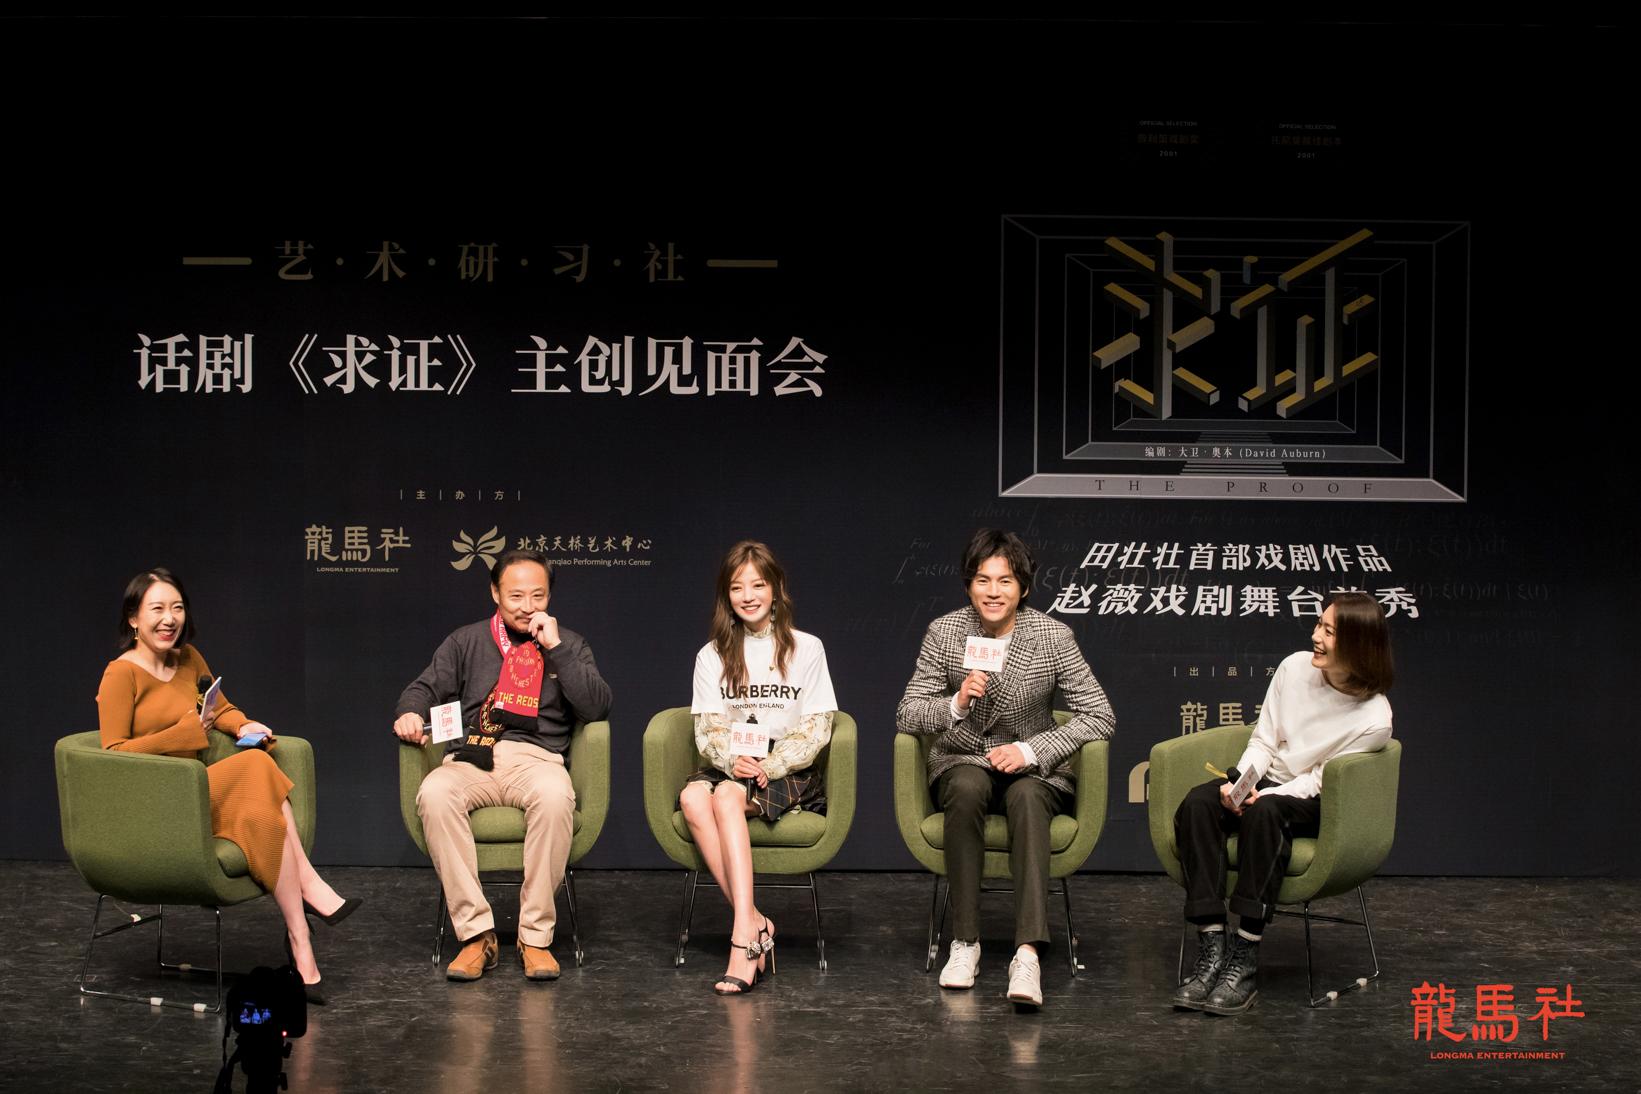 话剧《求证》主创见面会。左二起:周野芒、赵薇、宋宁峰、陈雅狄主办方供图